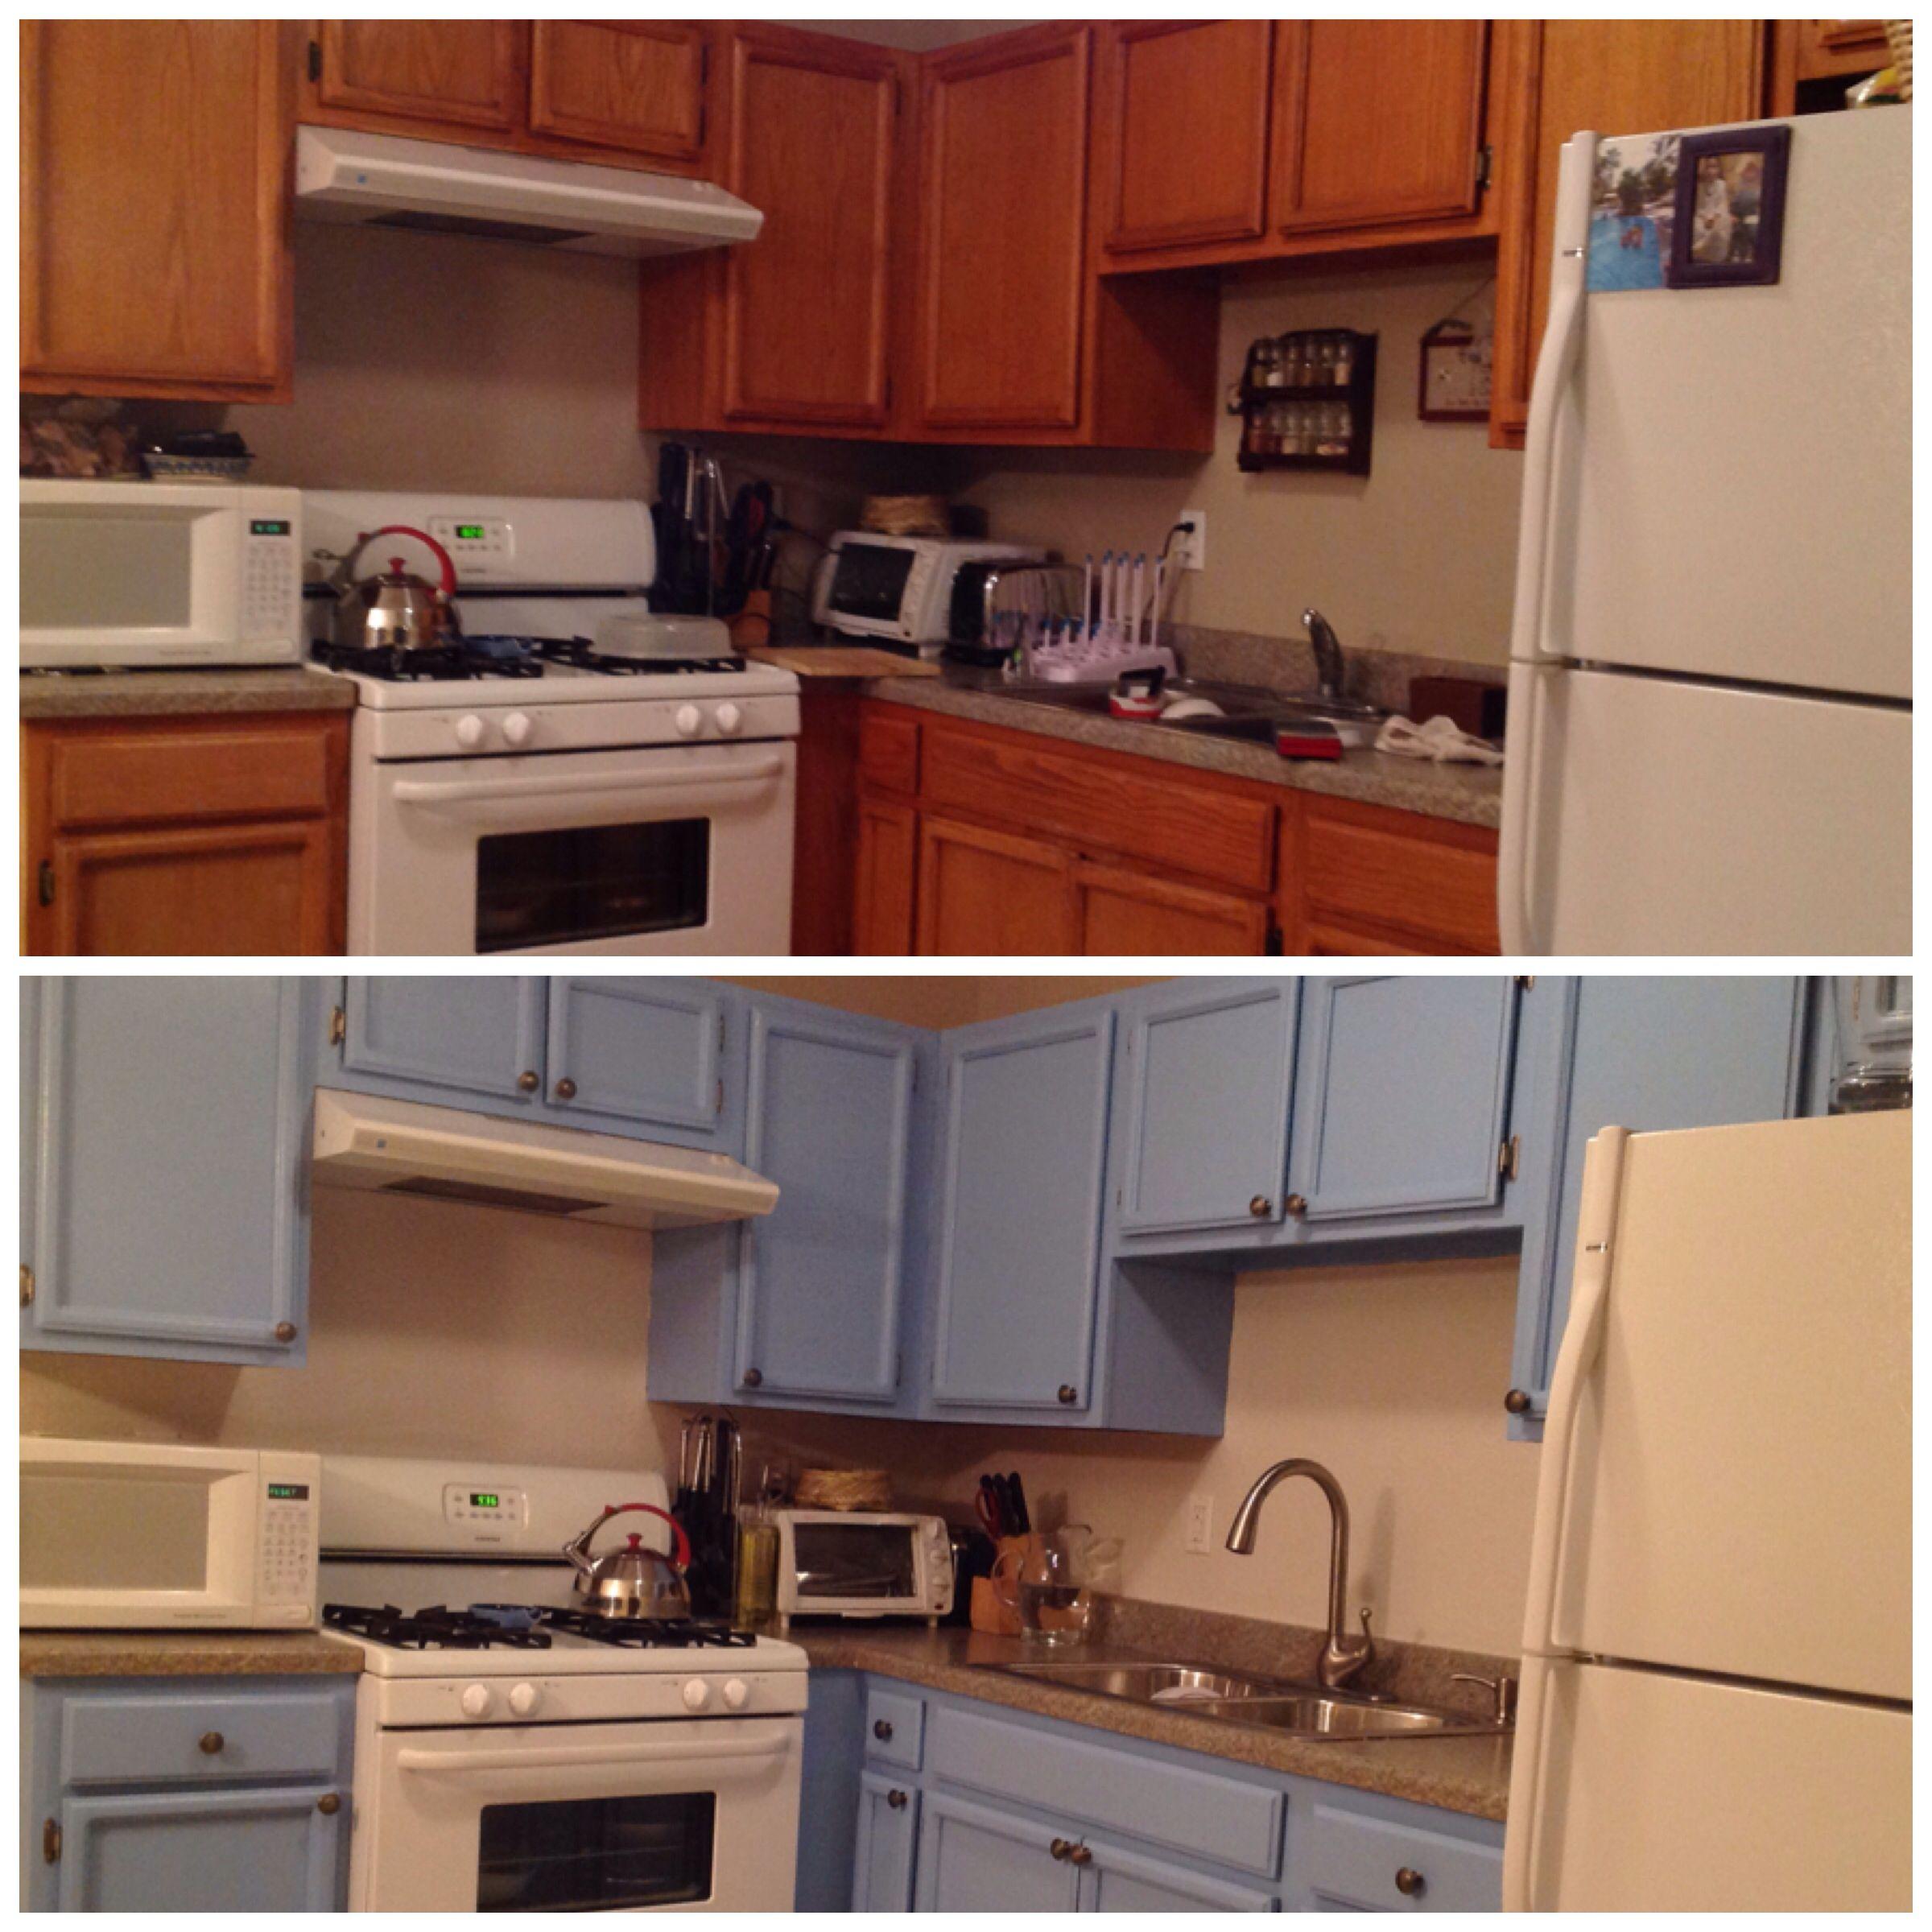 Pintar gabinetes de cocina ideas uk - Renovar La Cocina Kitchen Renovation Necesitaran Quitar Todas Las Puertas Pulir Madera